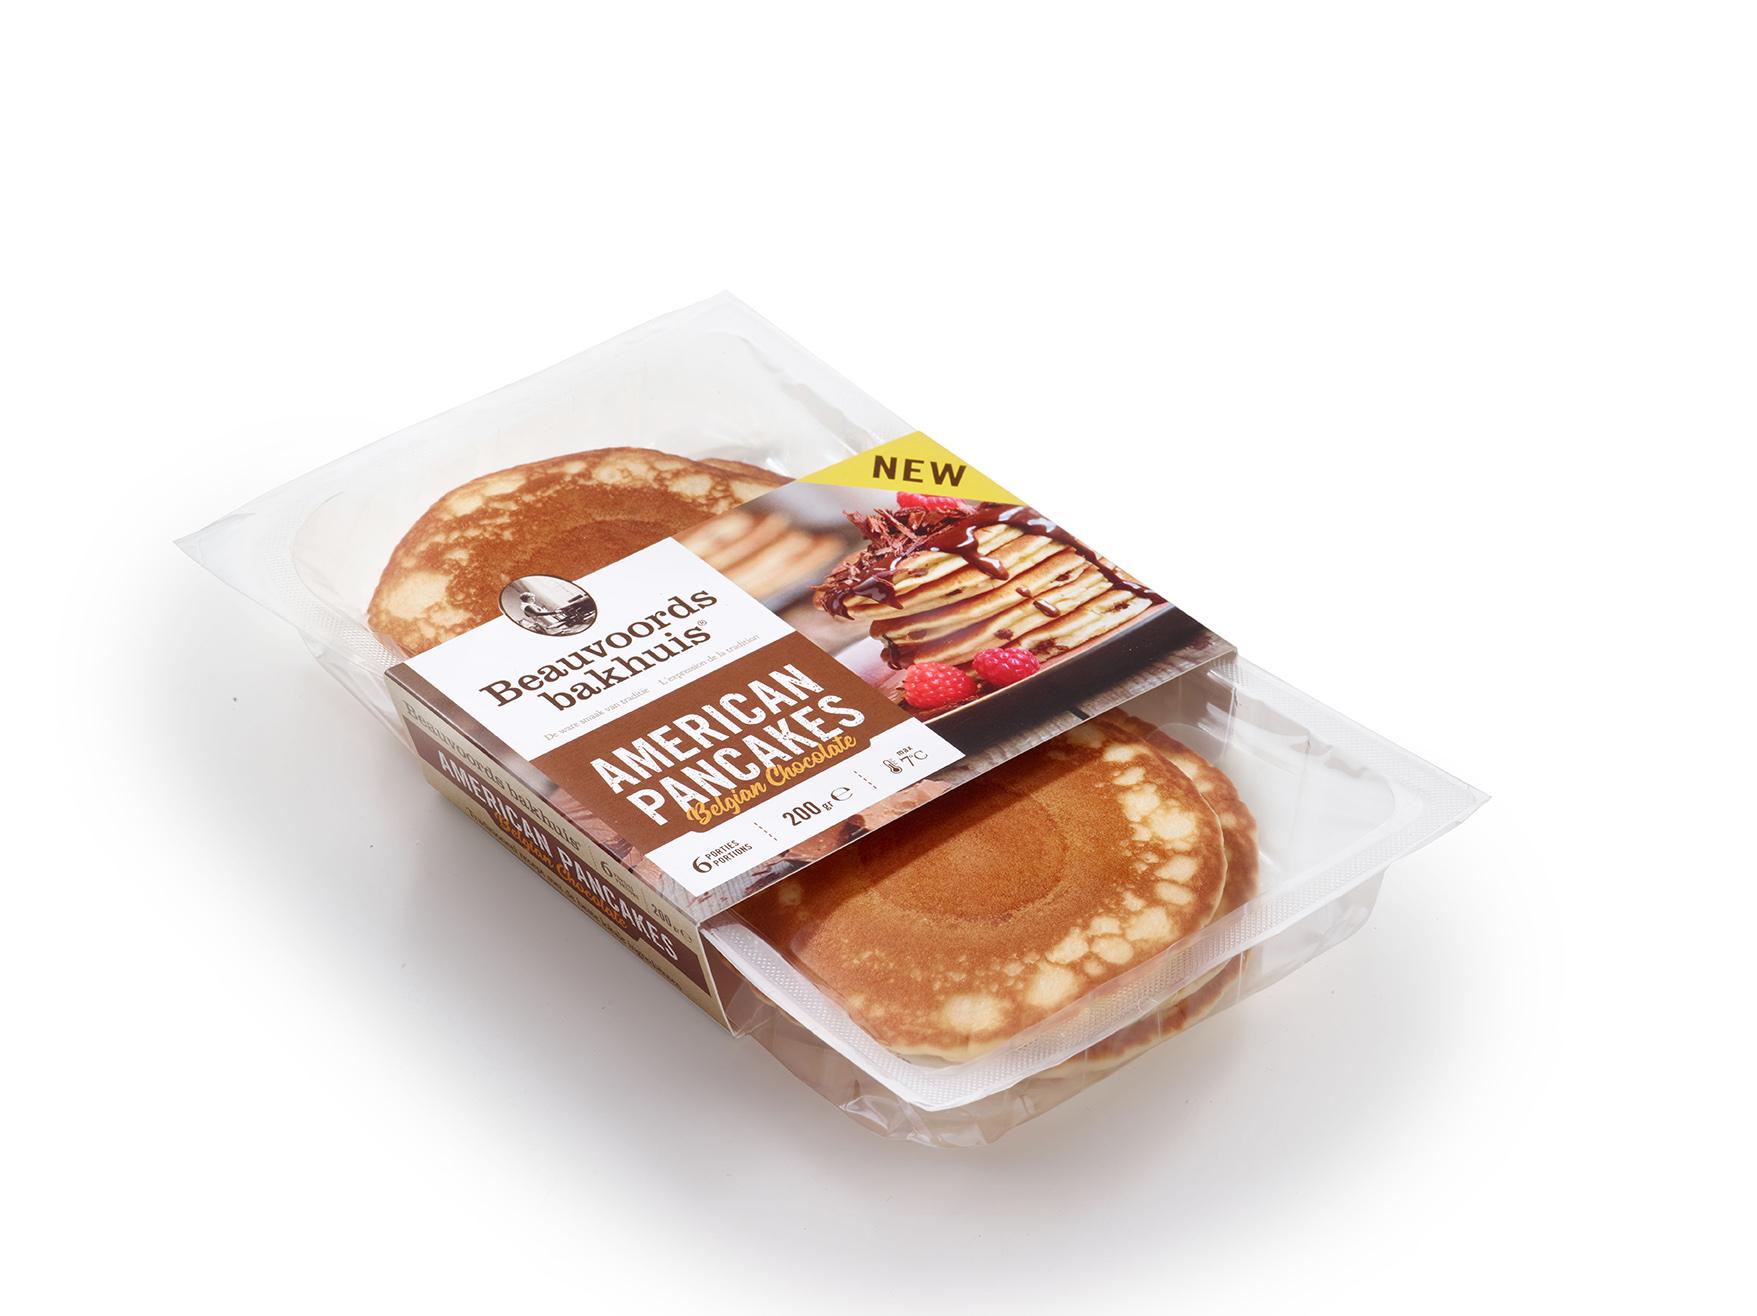 Belgian Chocolate American pancakes packshot - Beauvoords Bakhuis